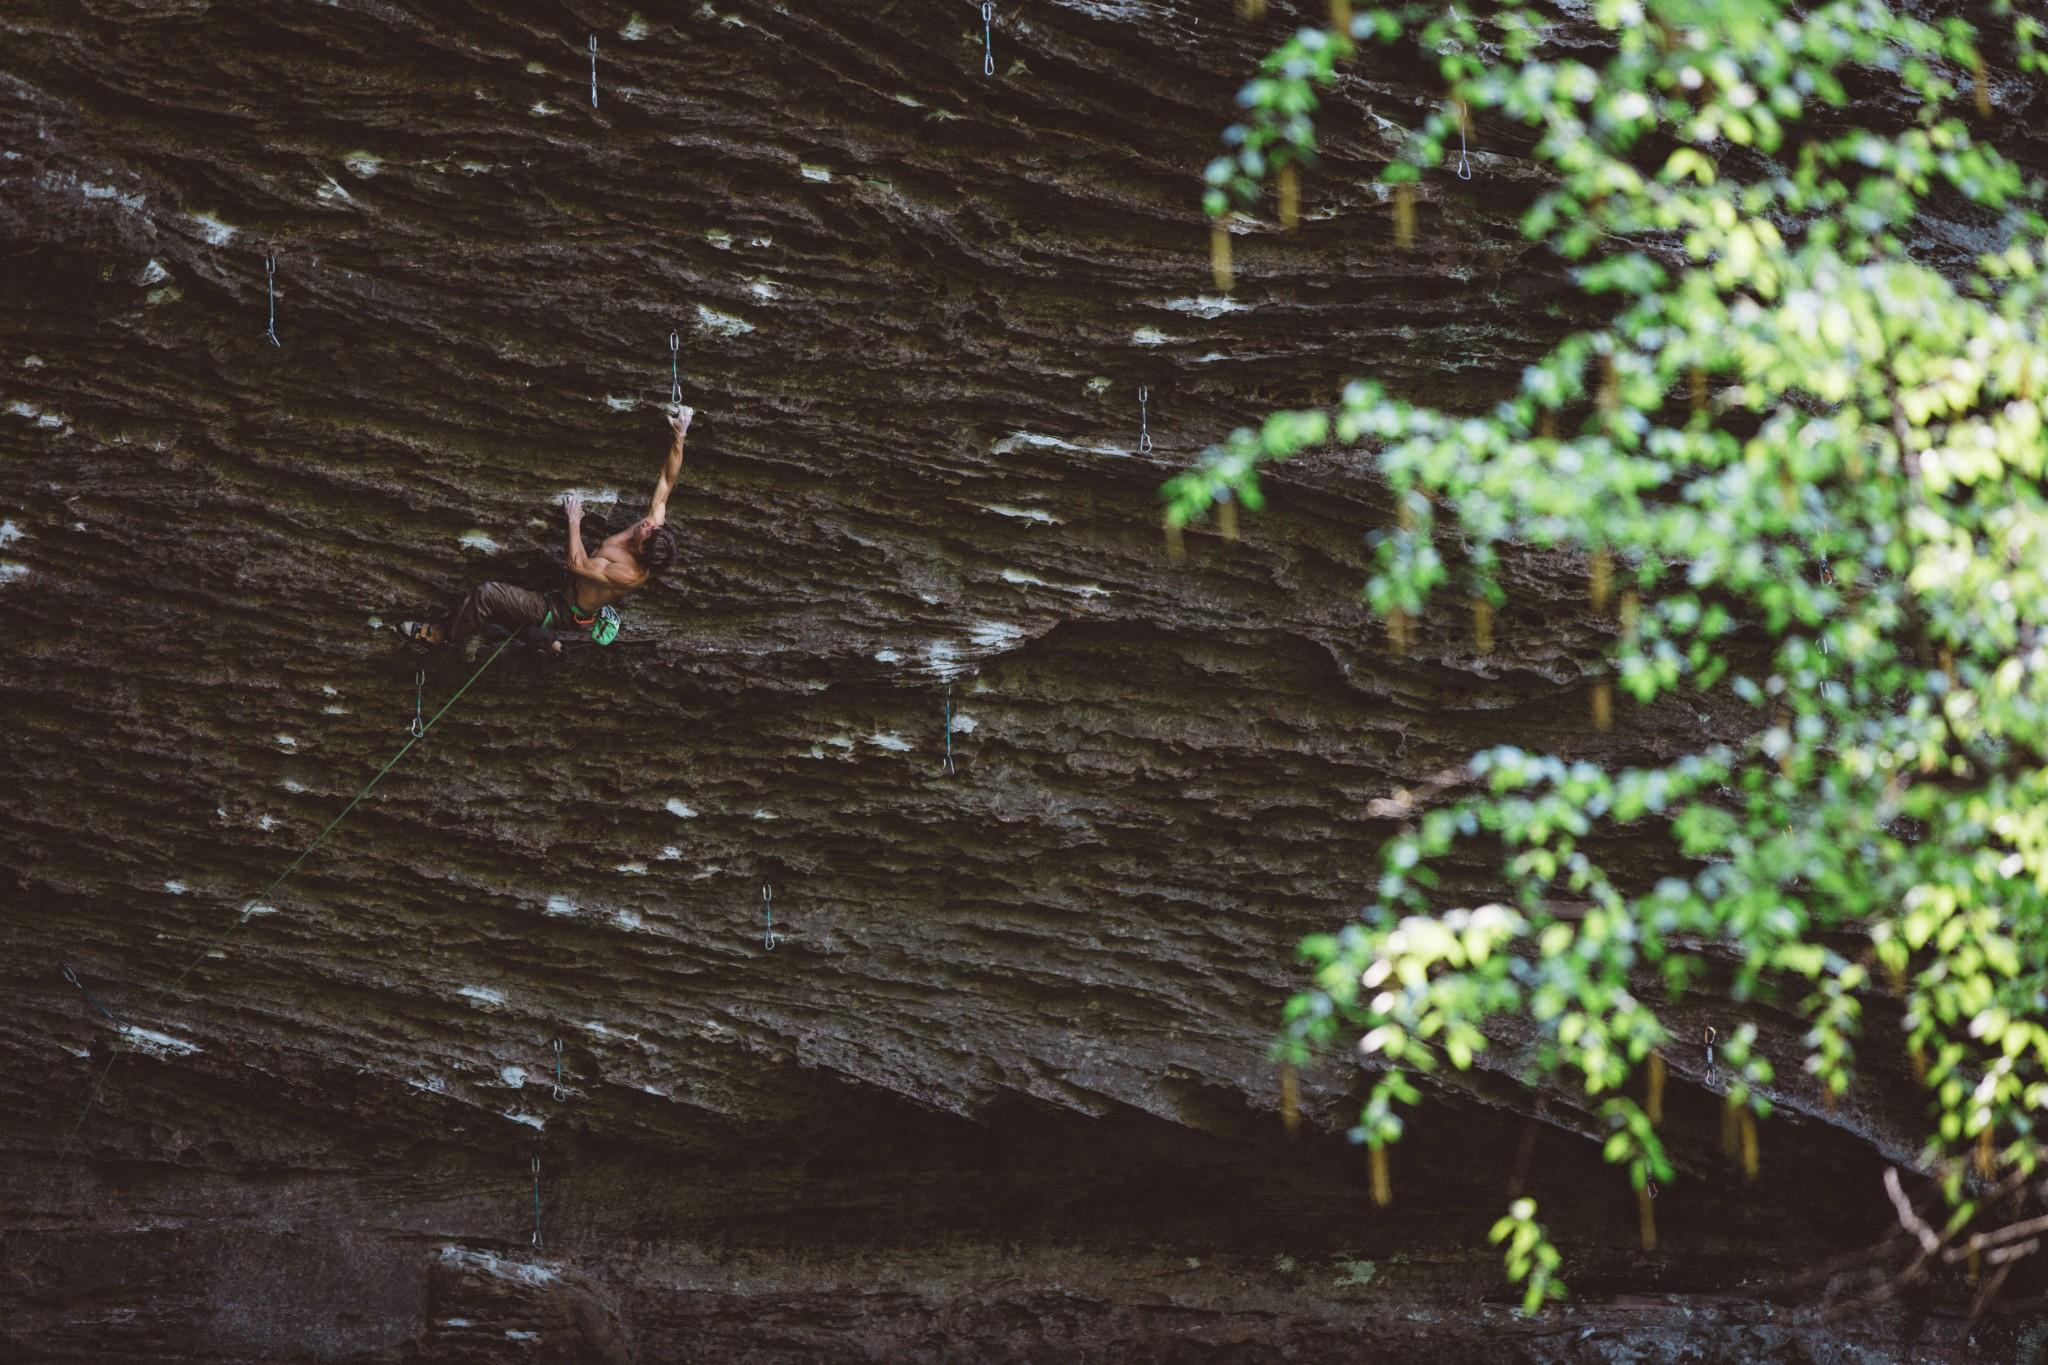 Jim à deux doigts d'enchaîner Madness 8a+, les prises du crux perpétuellement mouillées l'empêchant de l'achever. Photo by Michael Lim |www.MLimPhoto.com